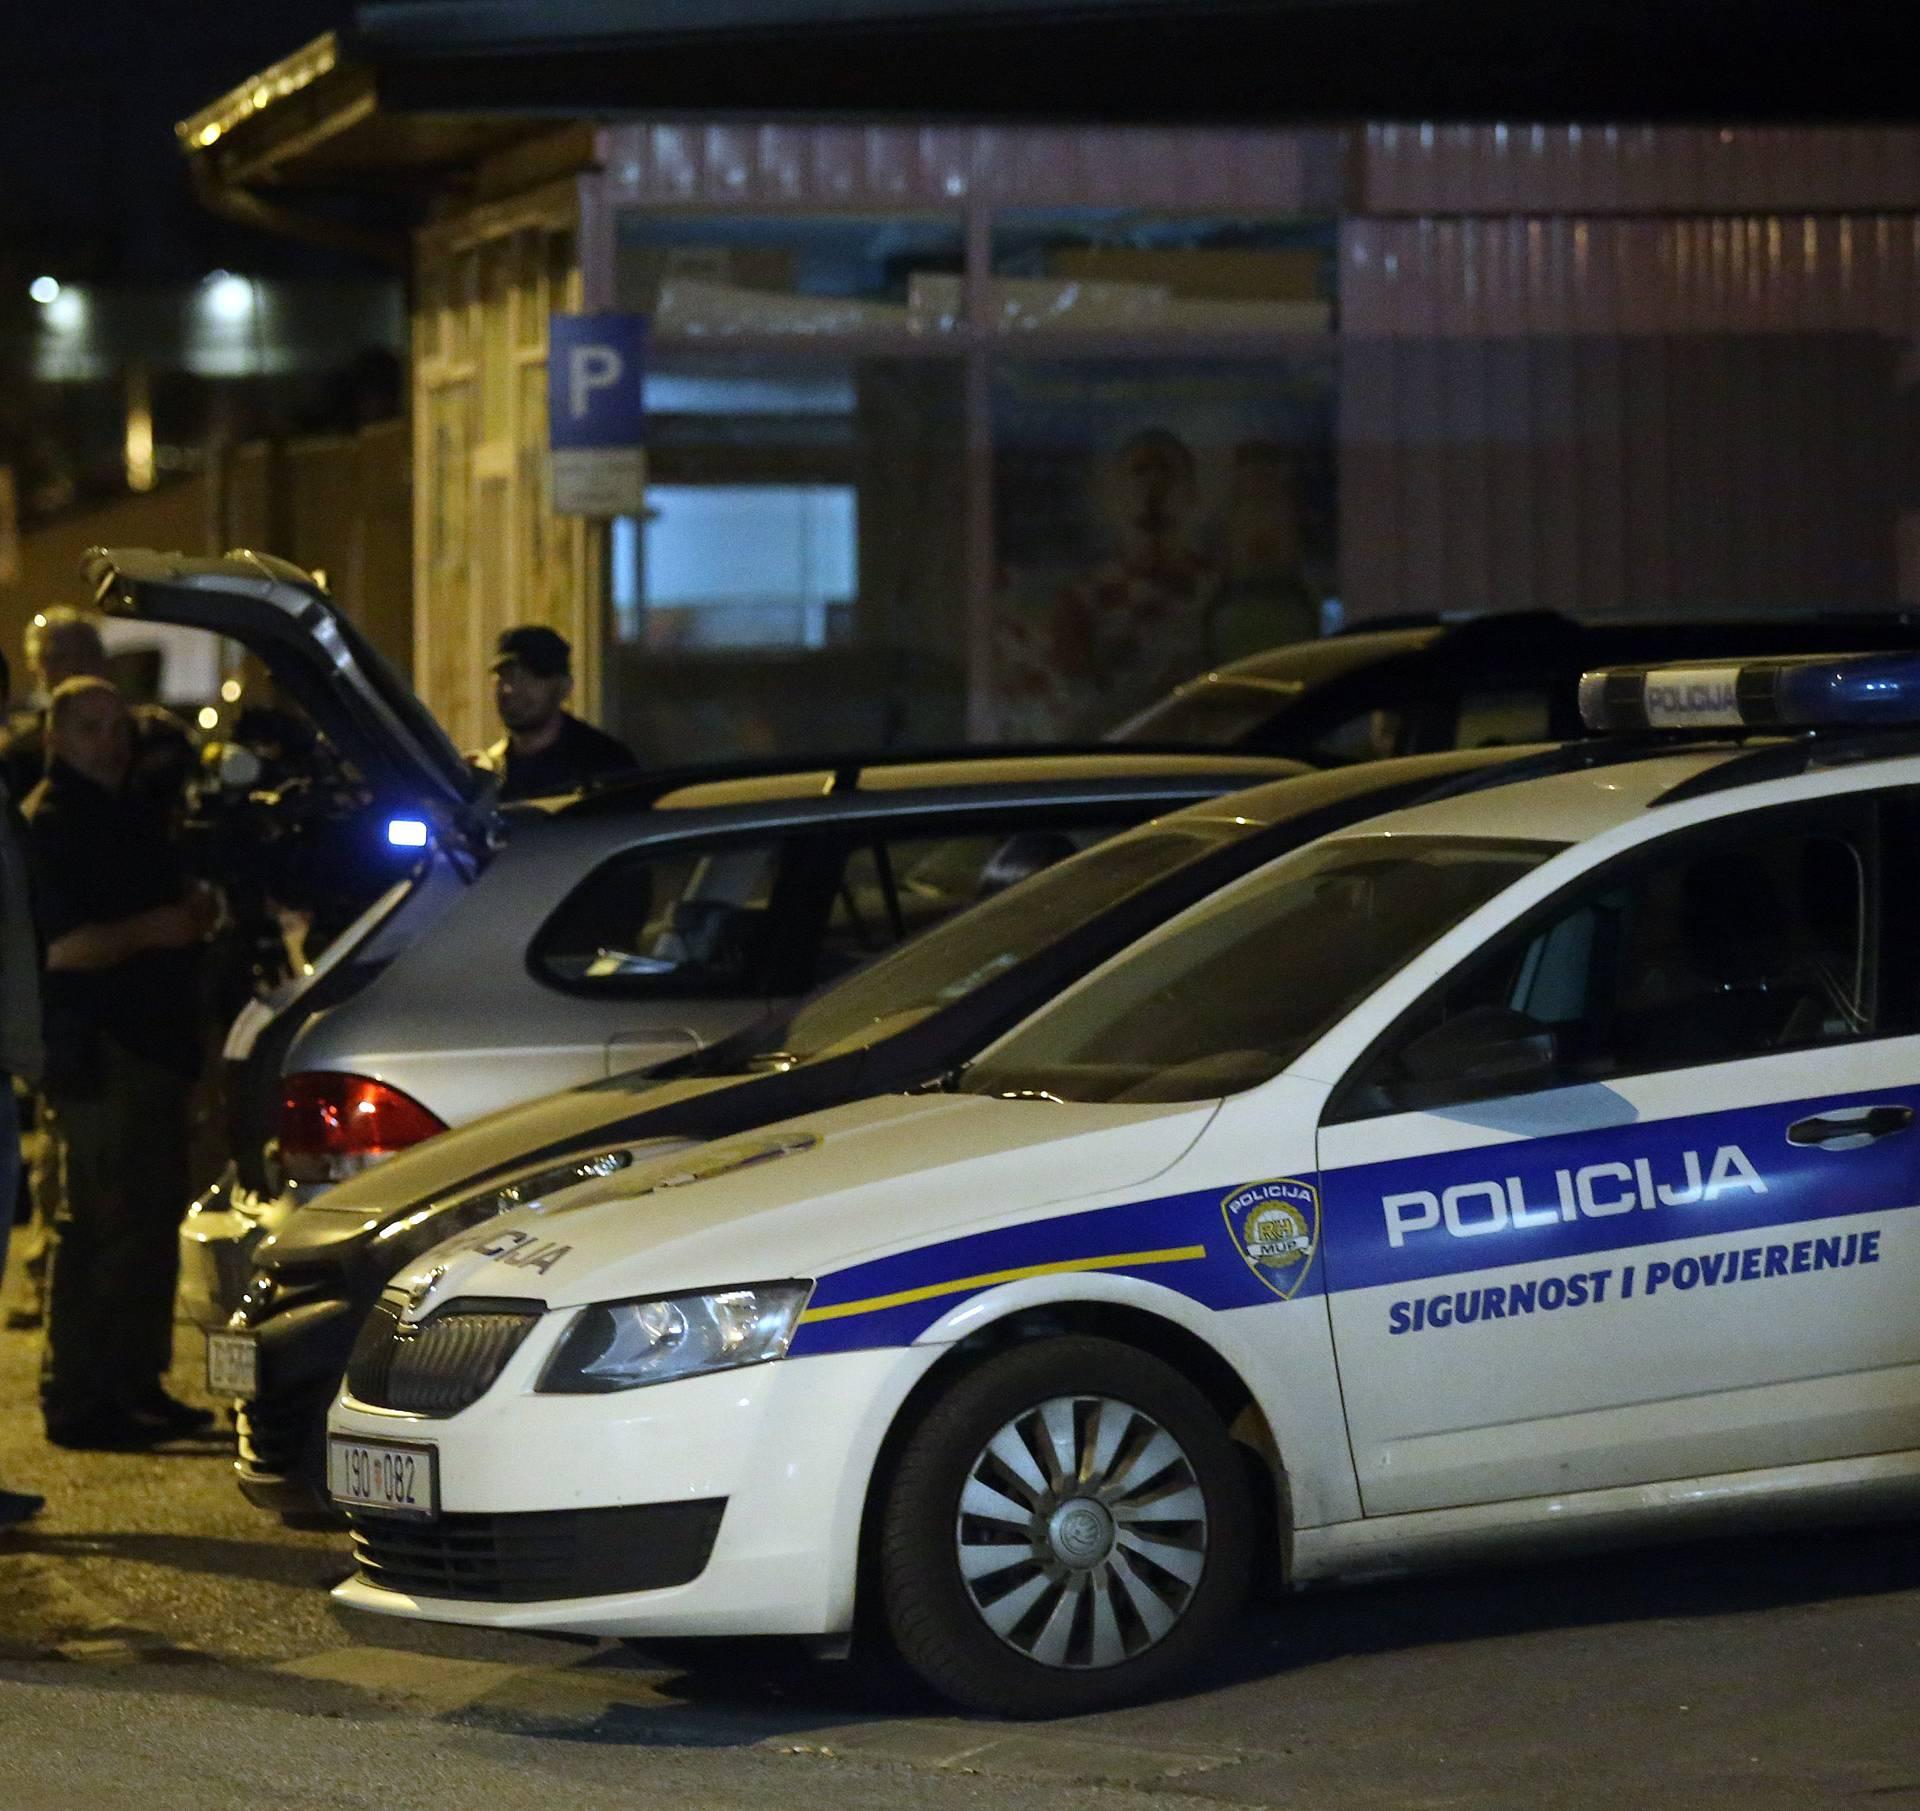 Gospodarske malverzacije u Karlovcu: Šteta 3,4 milijuna kn